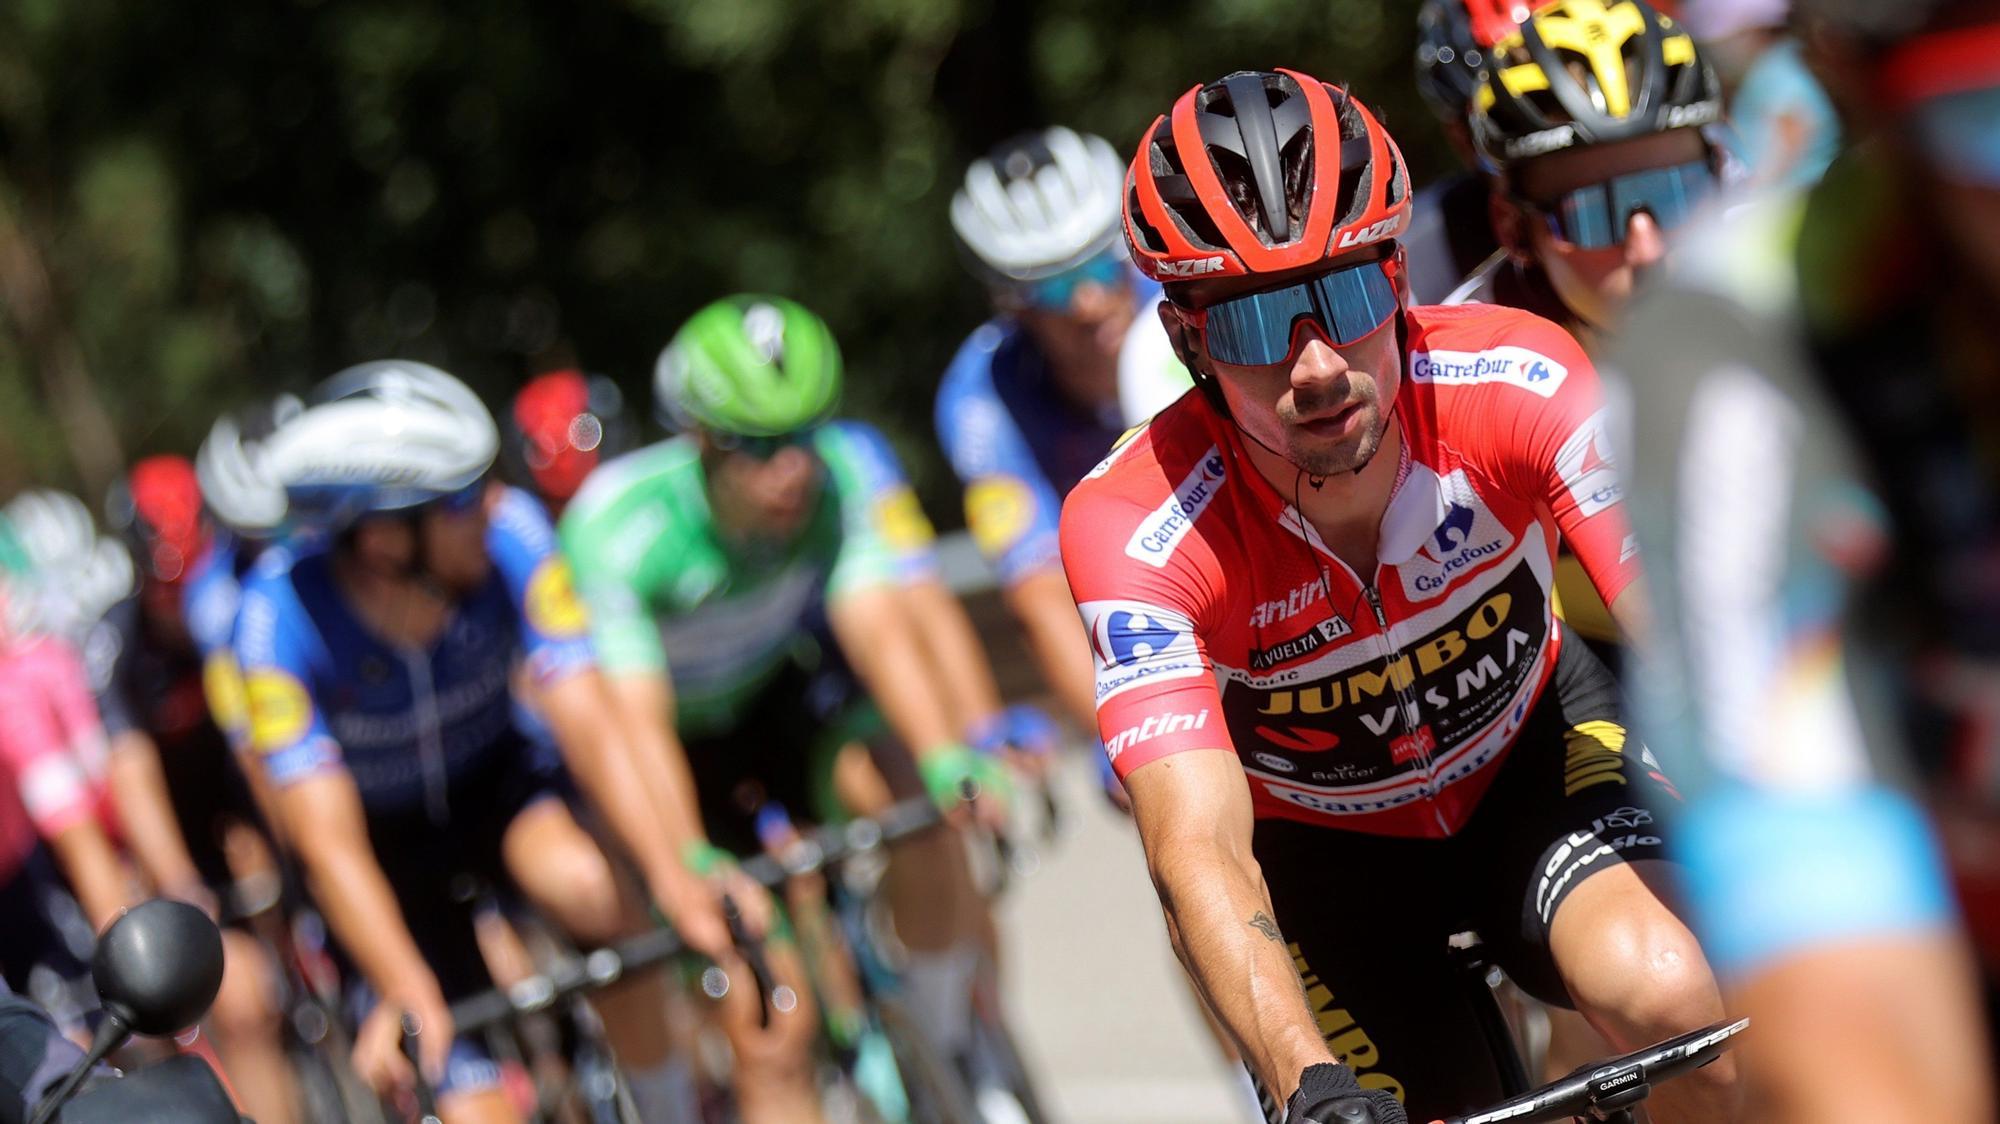 Etapa 20 de la Vuelta a España: Sanxenxo - Mos